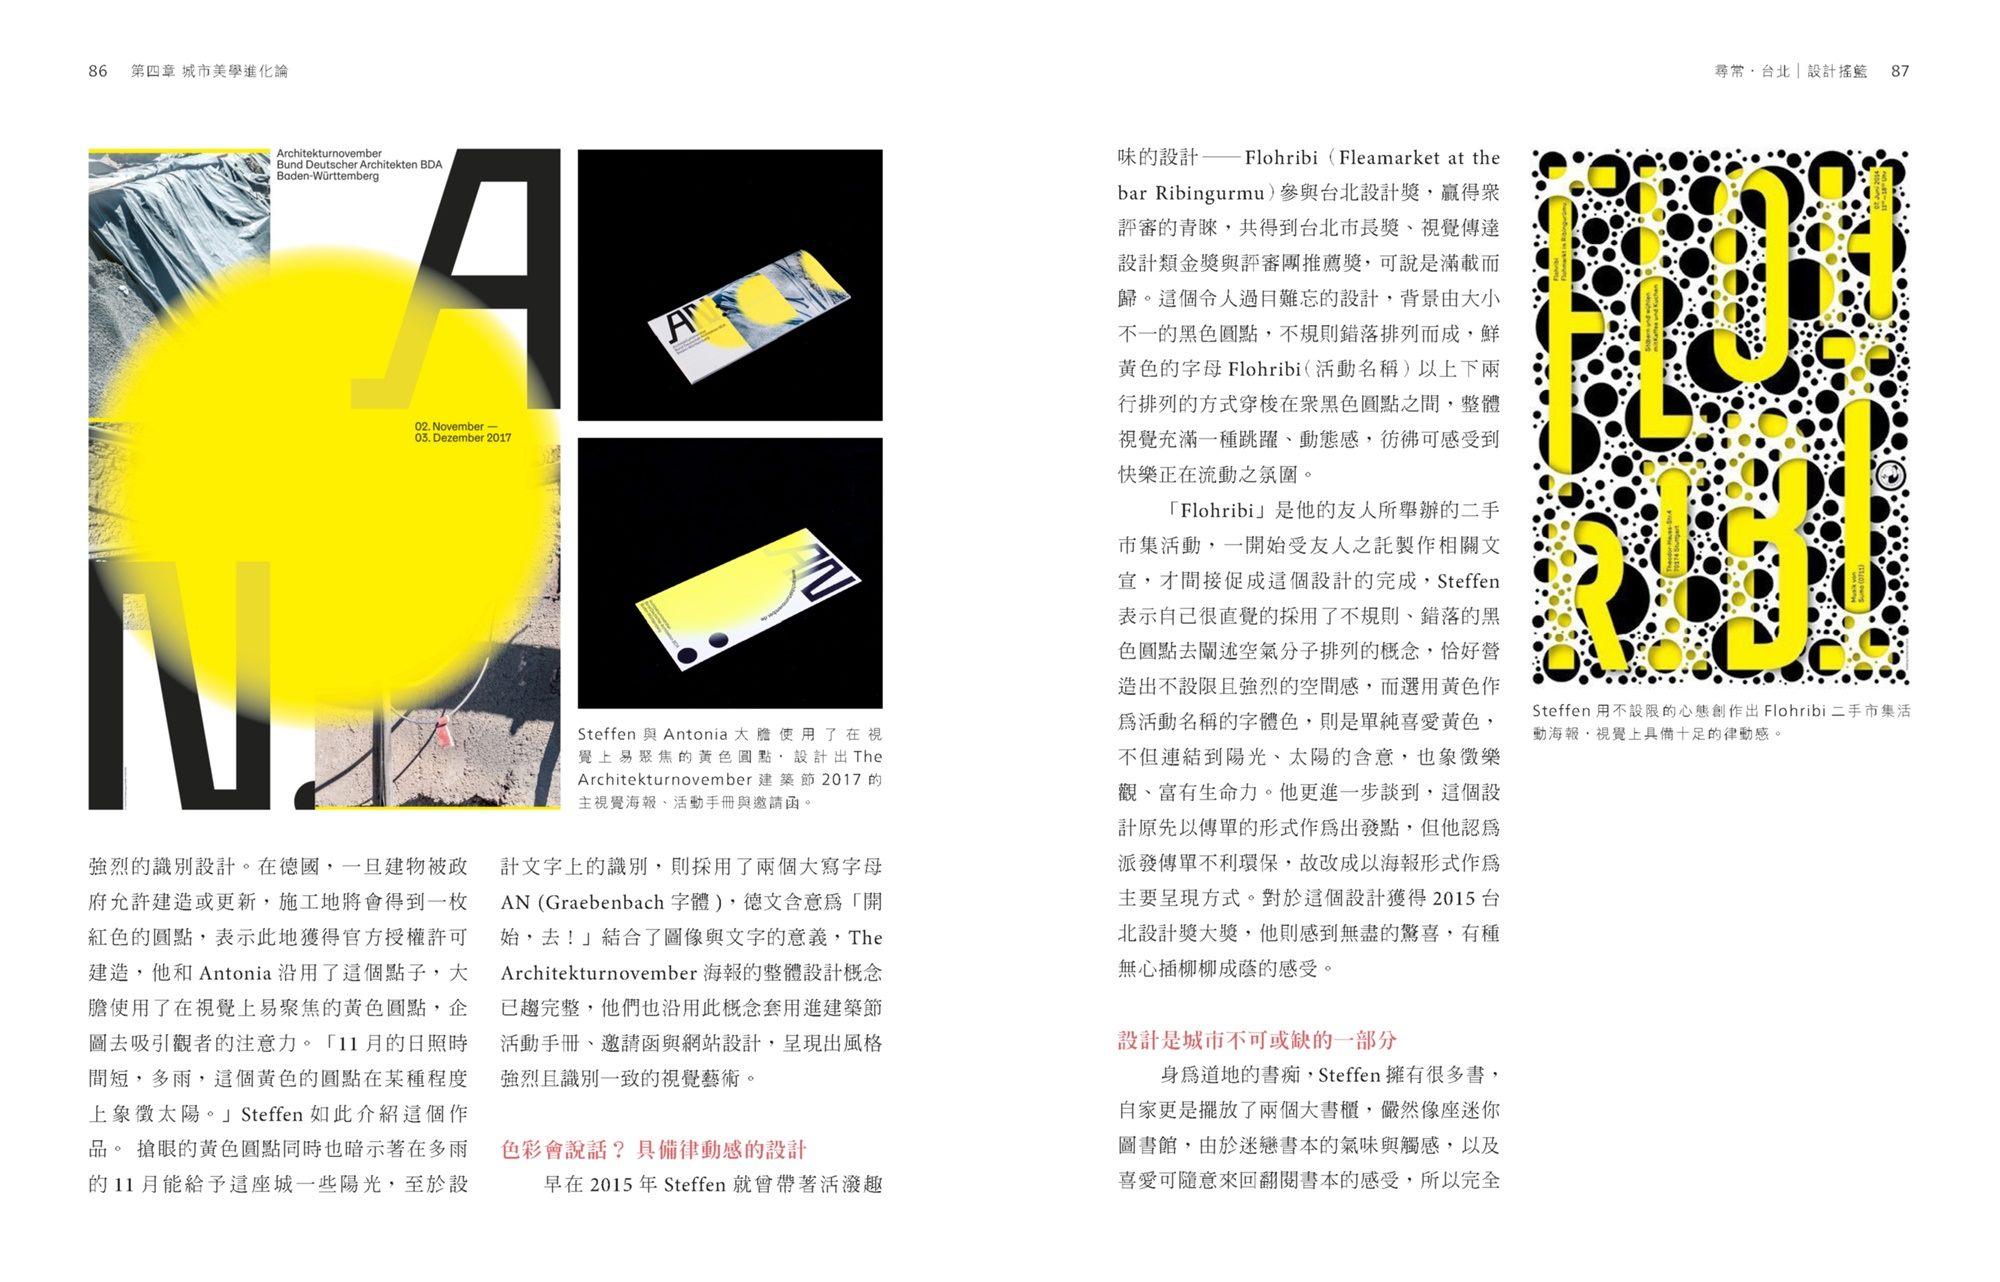 內頁縮圖6